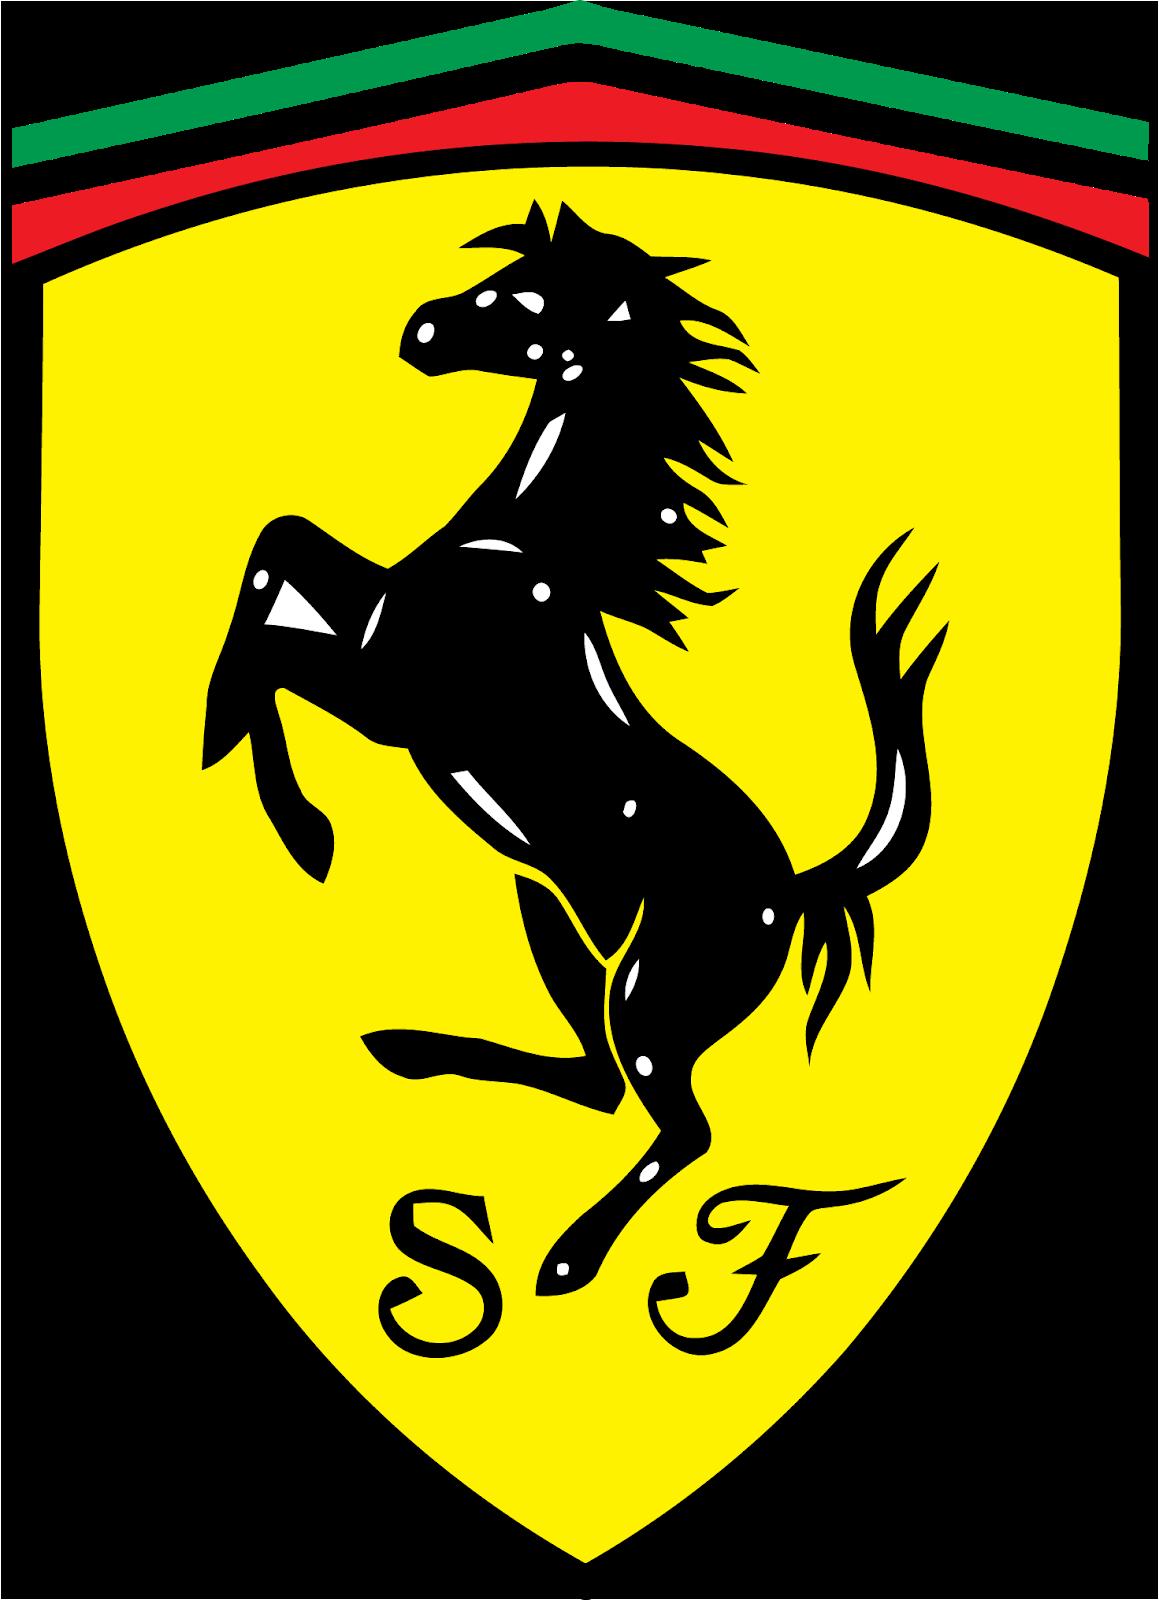 Download Logo Ferrari Svg Eps Png Psd Ai Vectors Color Free El Fonts Vectors